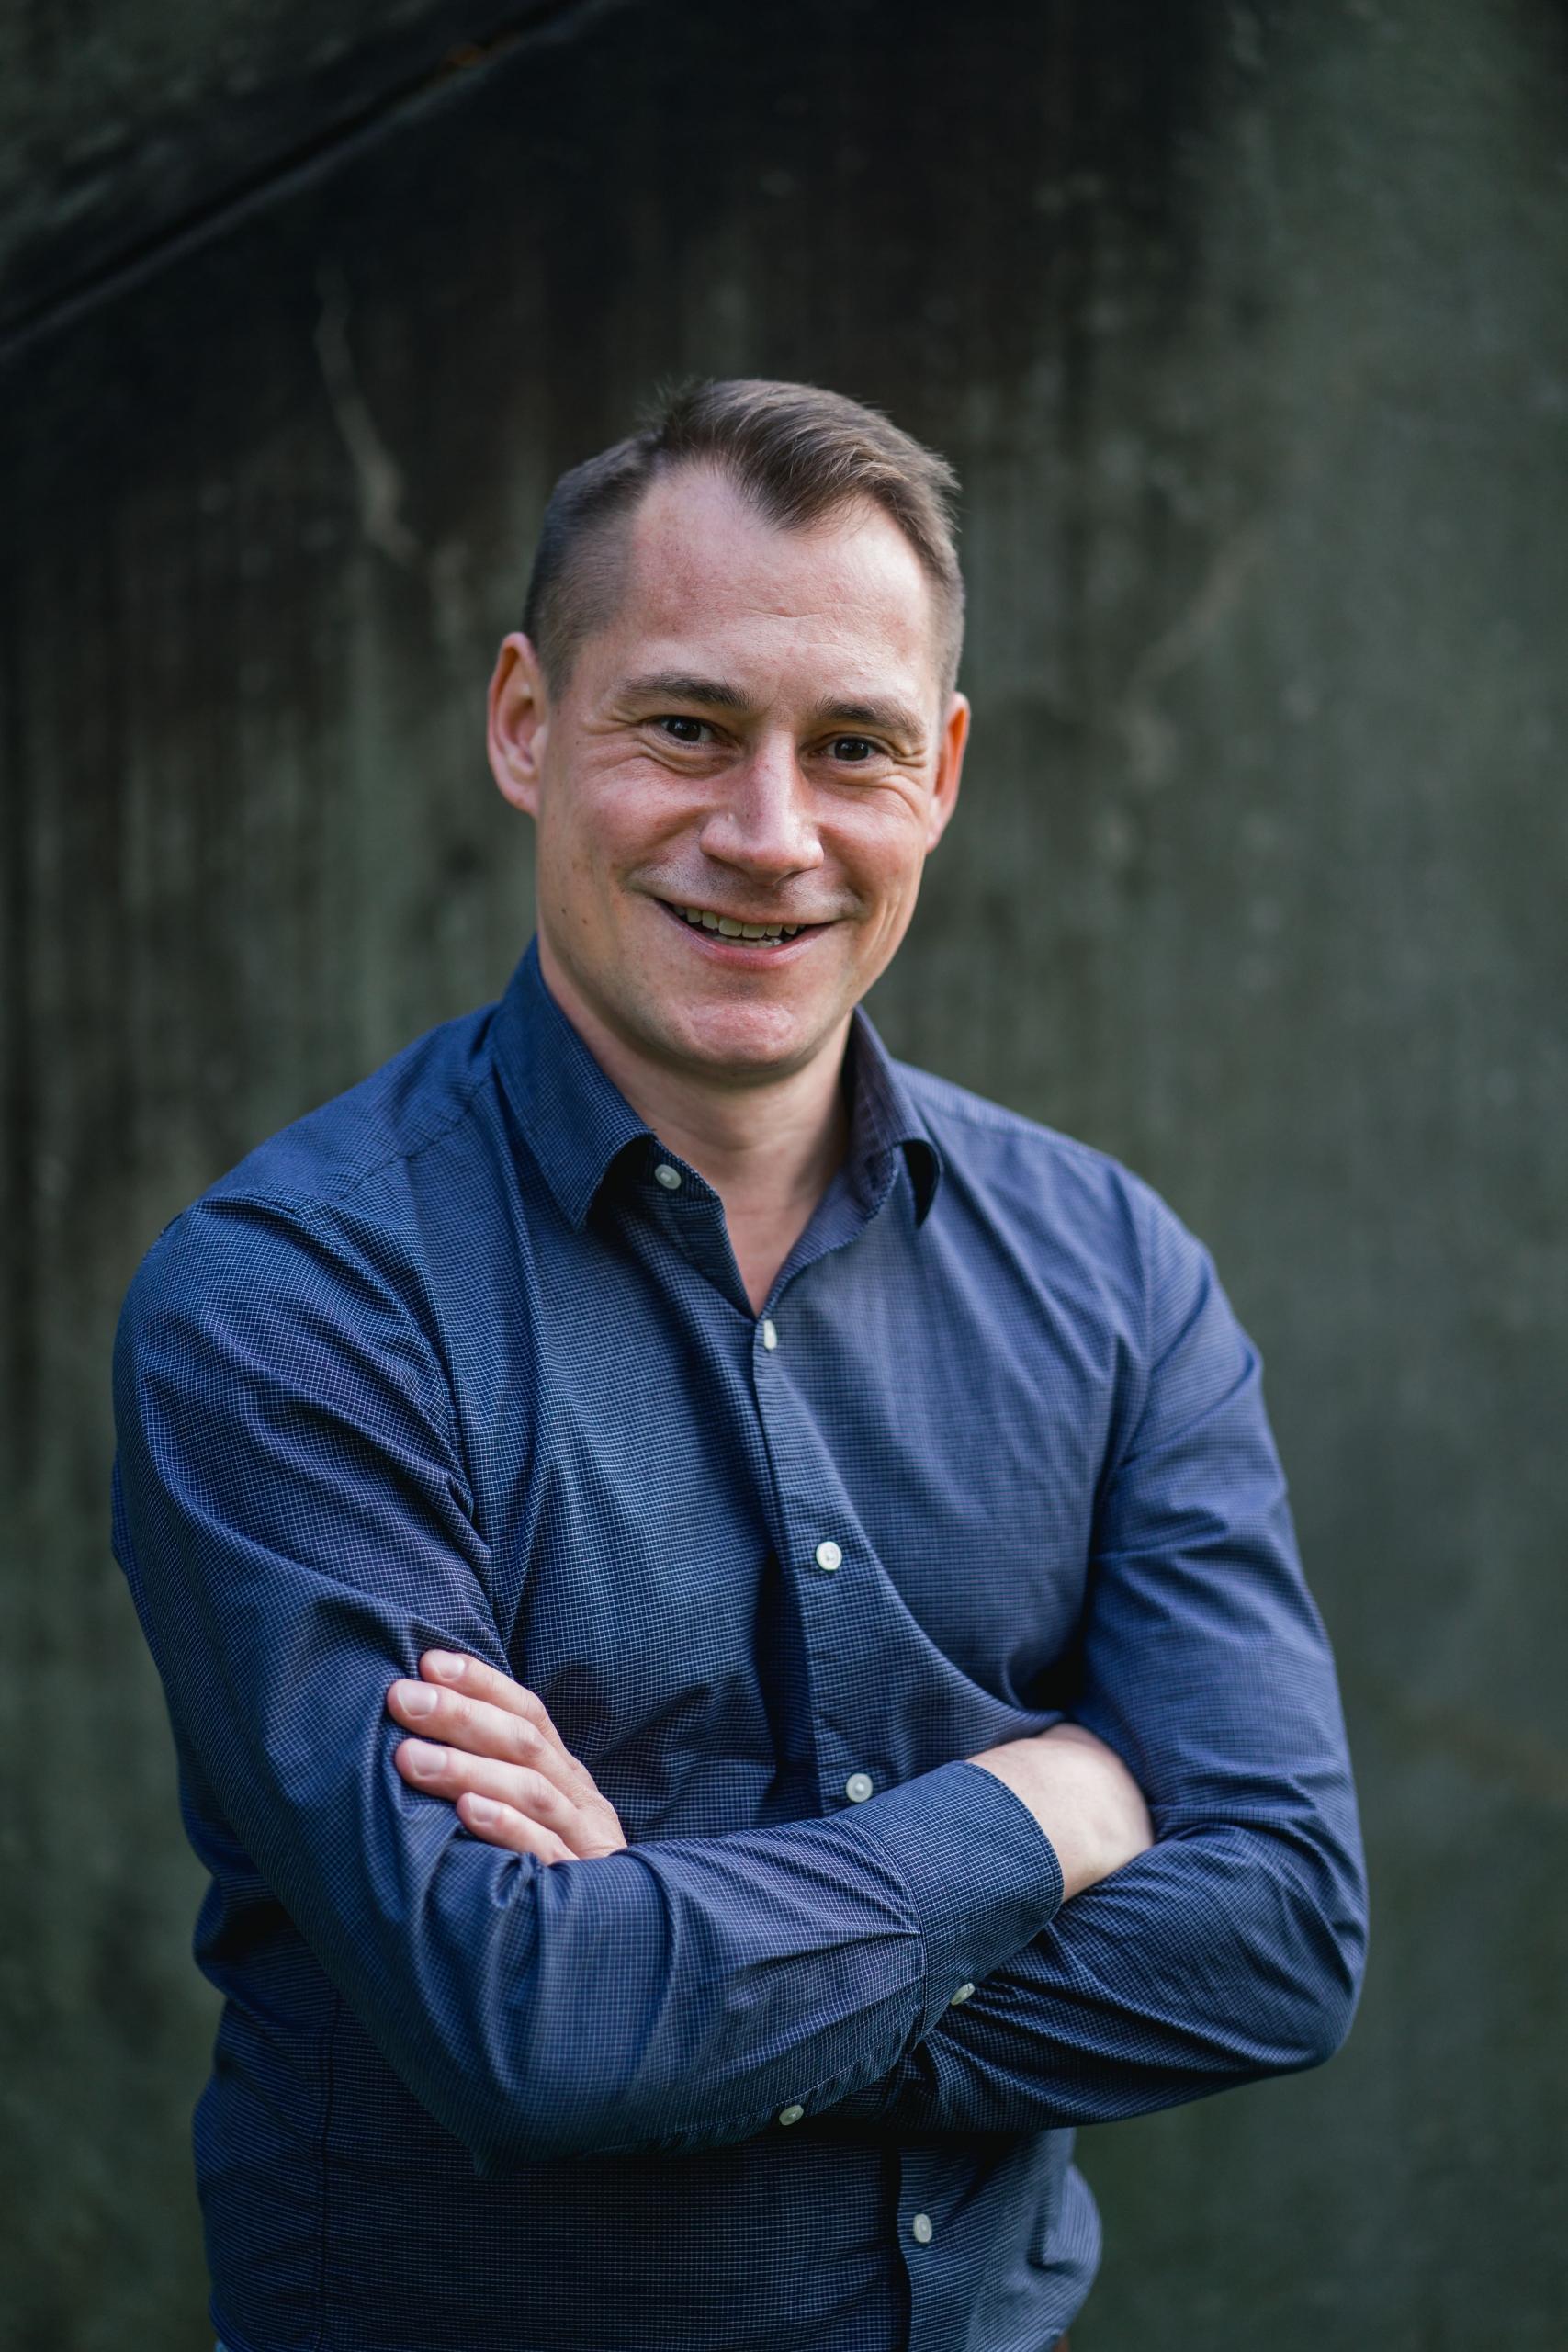 Guido Herklotz